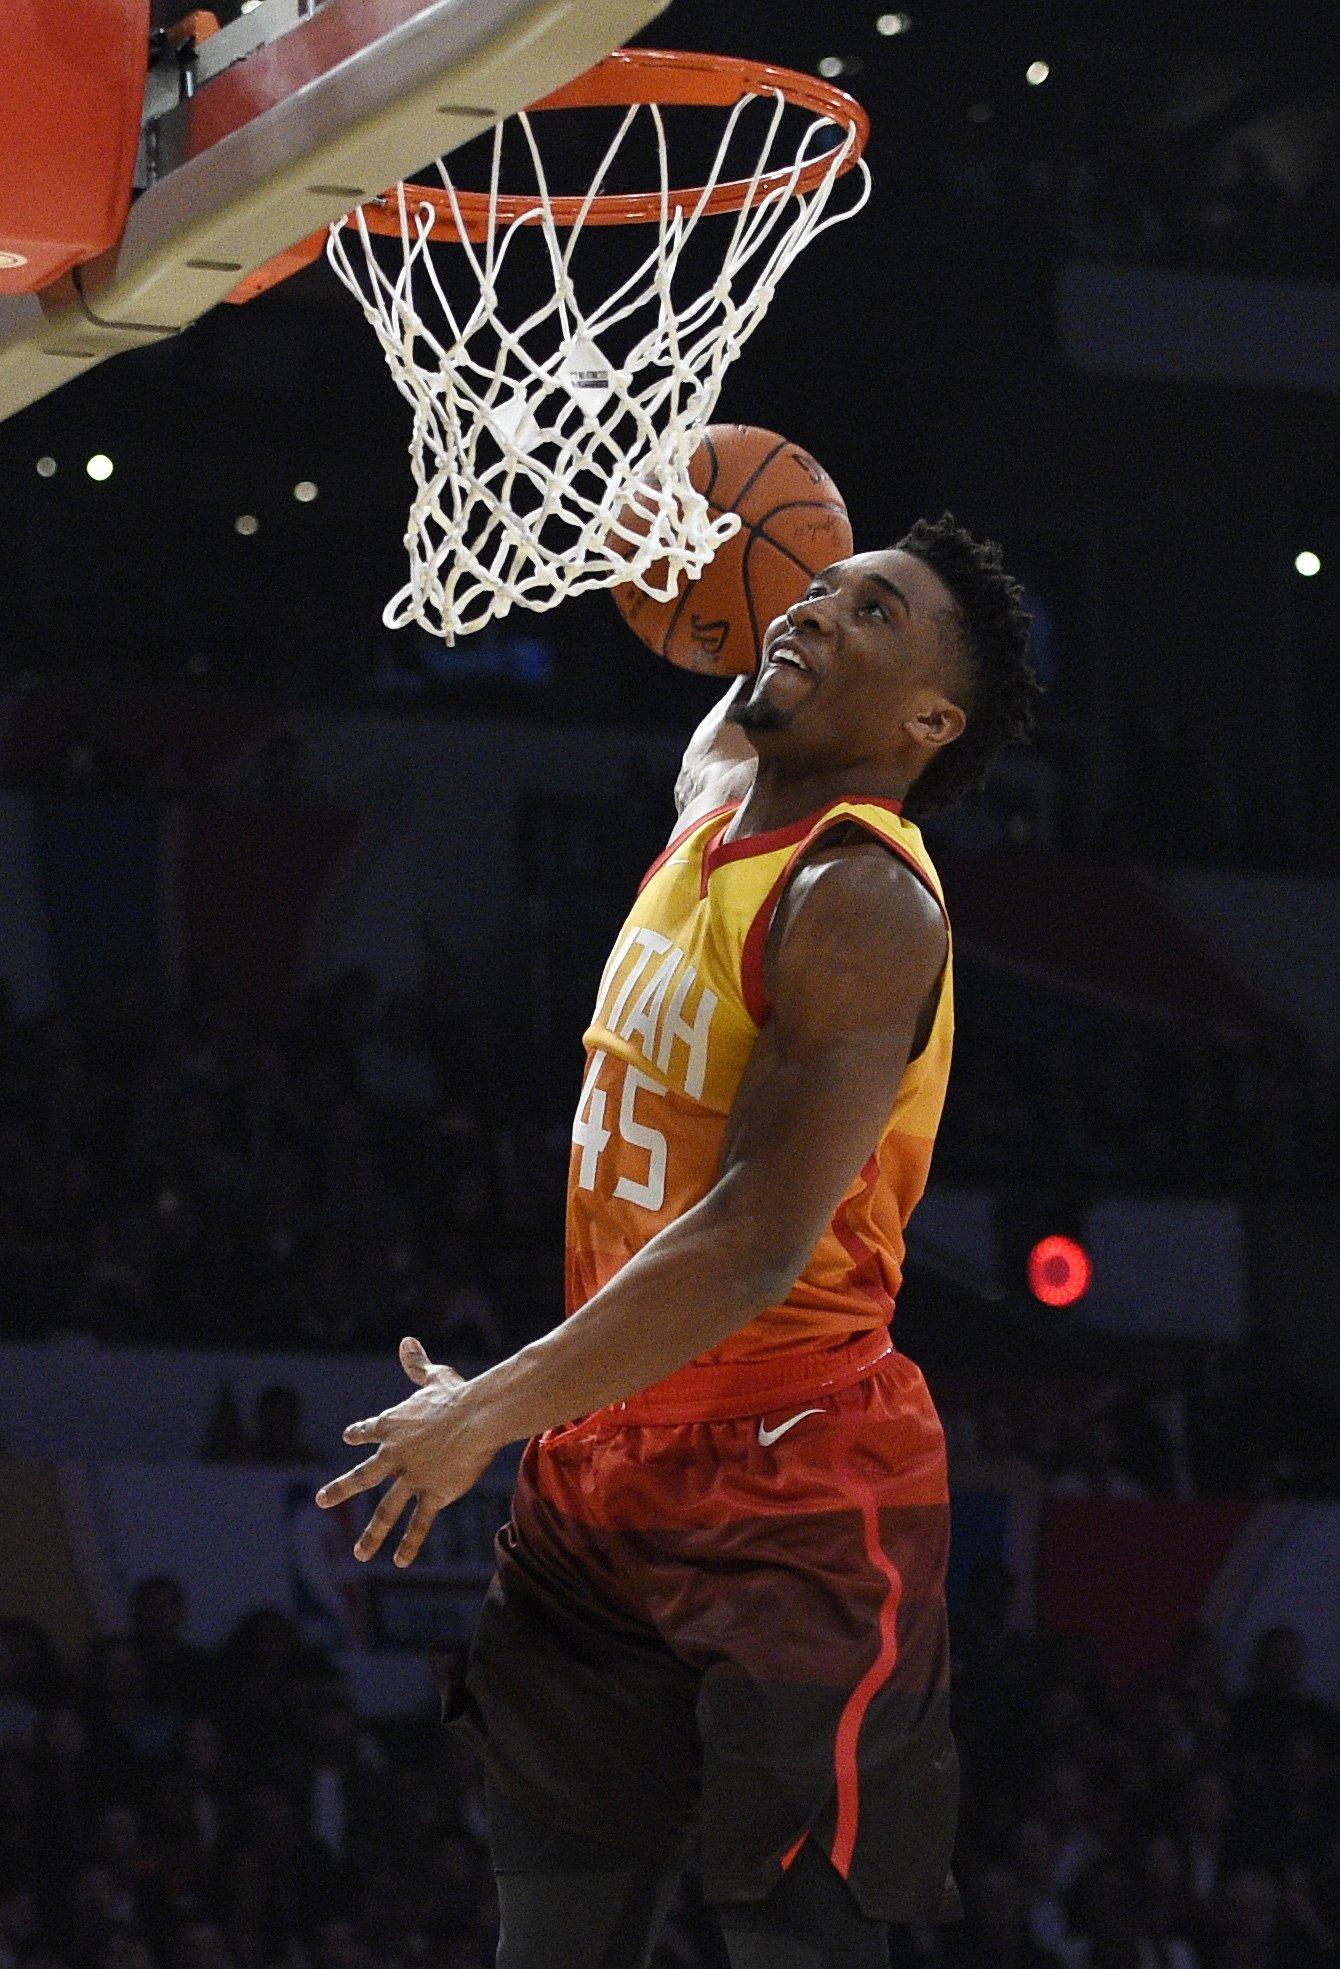 hot sale online 3de12 d9127 The Latest: Jazz rookie Mitchell wins slam dunk contest